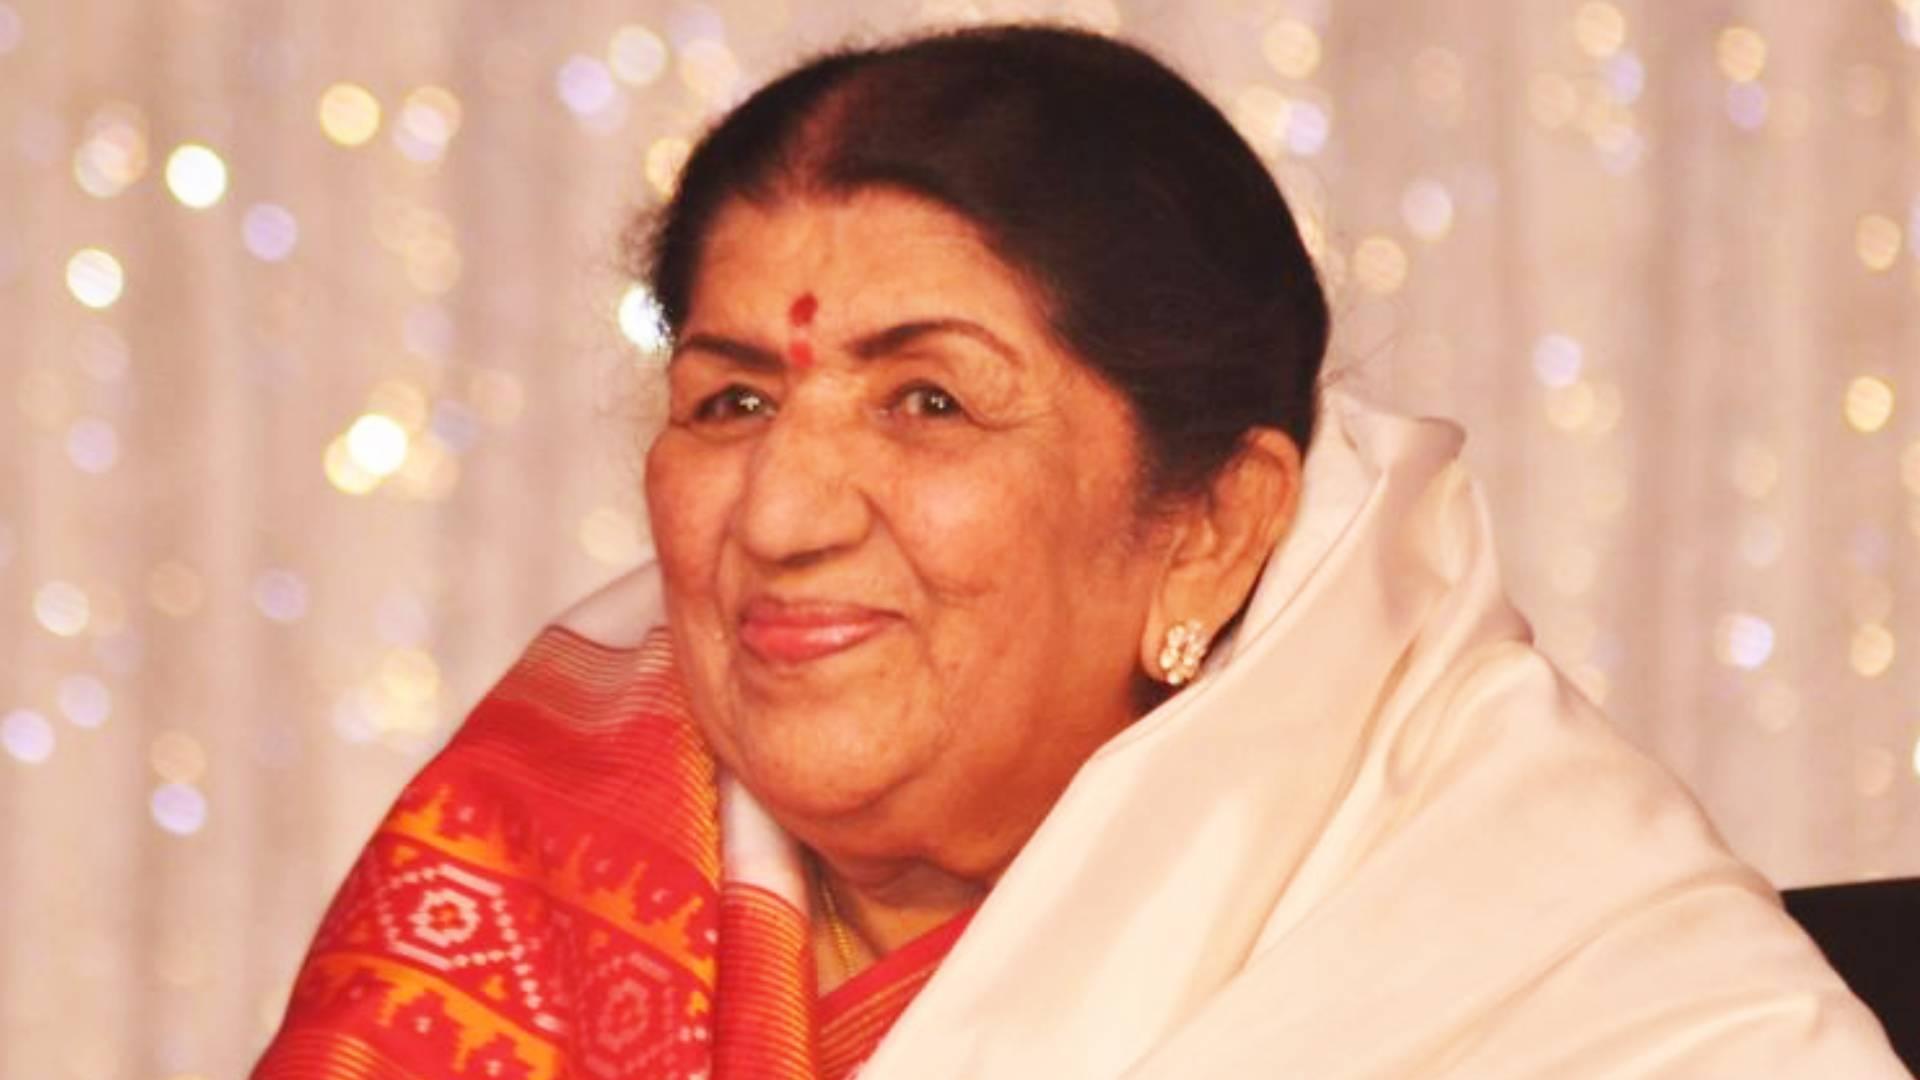 Lata Mangeshkar Birthday: इस बात पर गुस्से से लाल हो जाती थीं लता मंगेशकर, राज कपूर से हो गई थी भिड़ंत